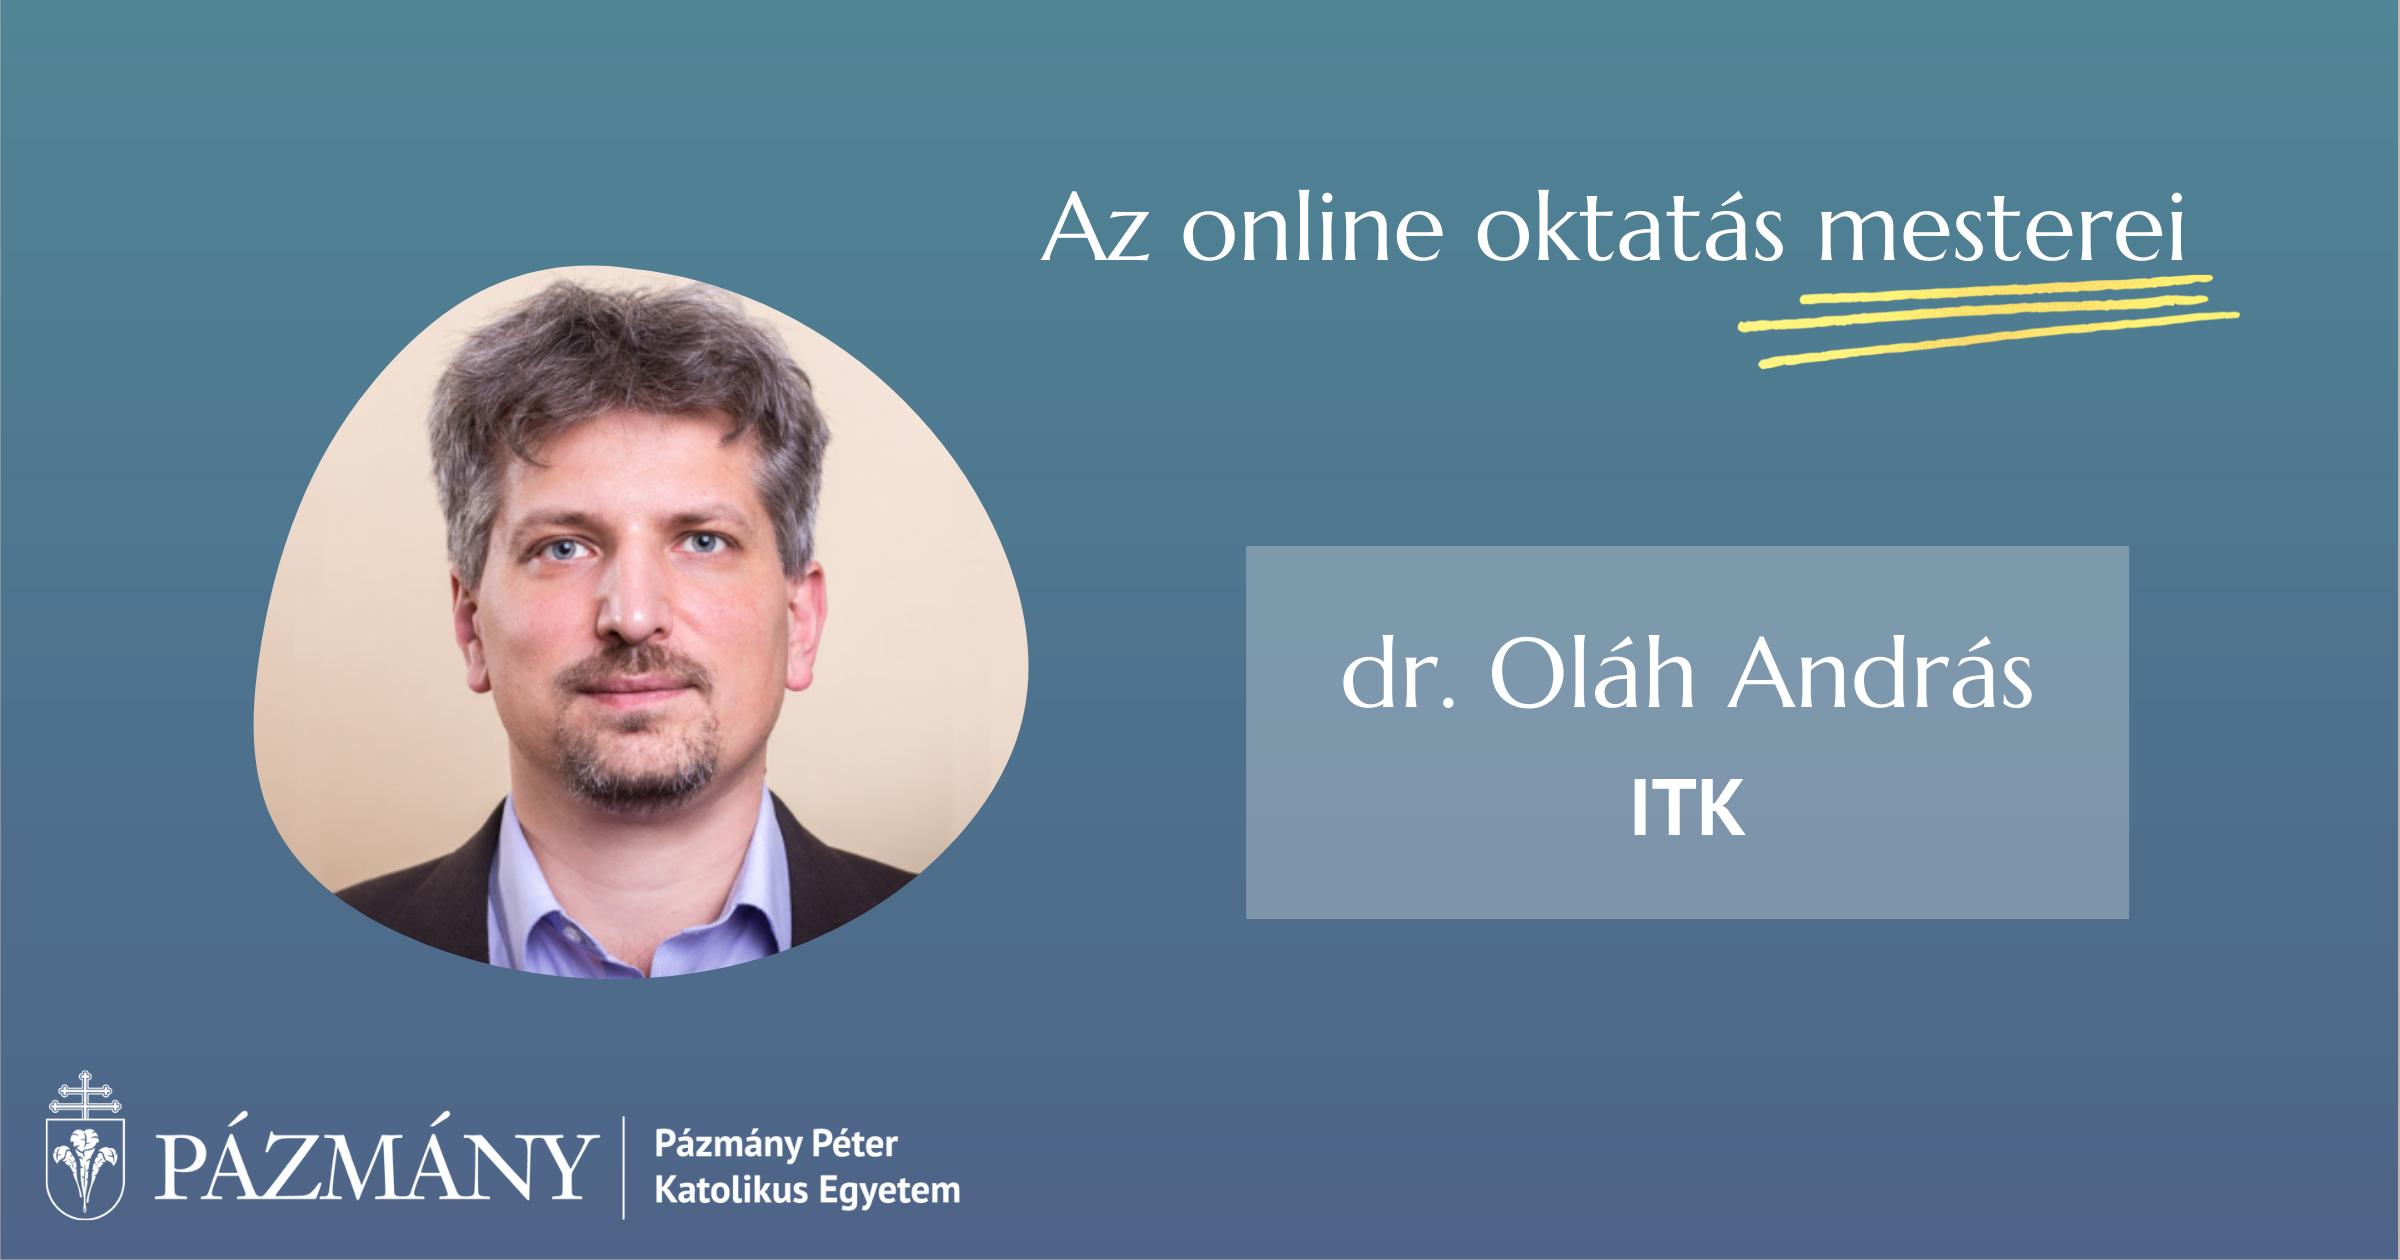 Az online oktatás mesterei: interjú dr. Oláh Andrással